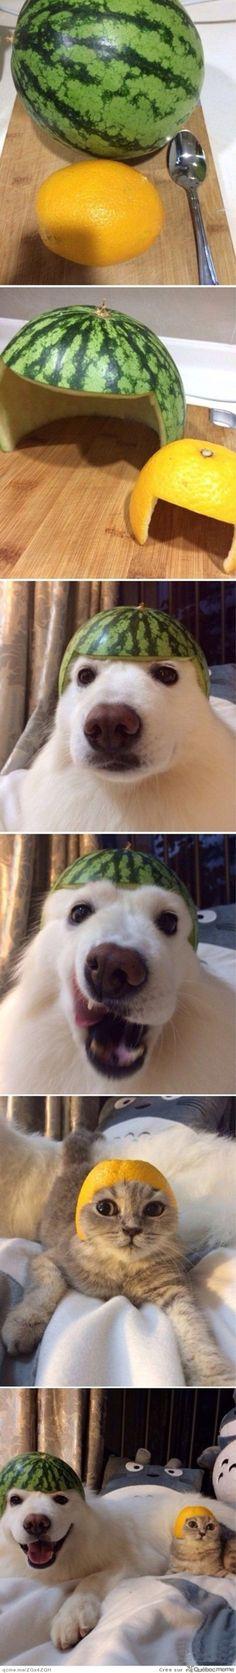 Animals + fruits = i'm smiling :)